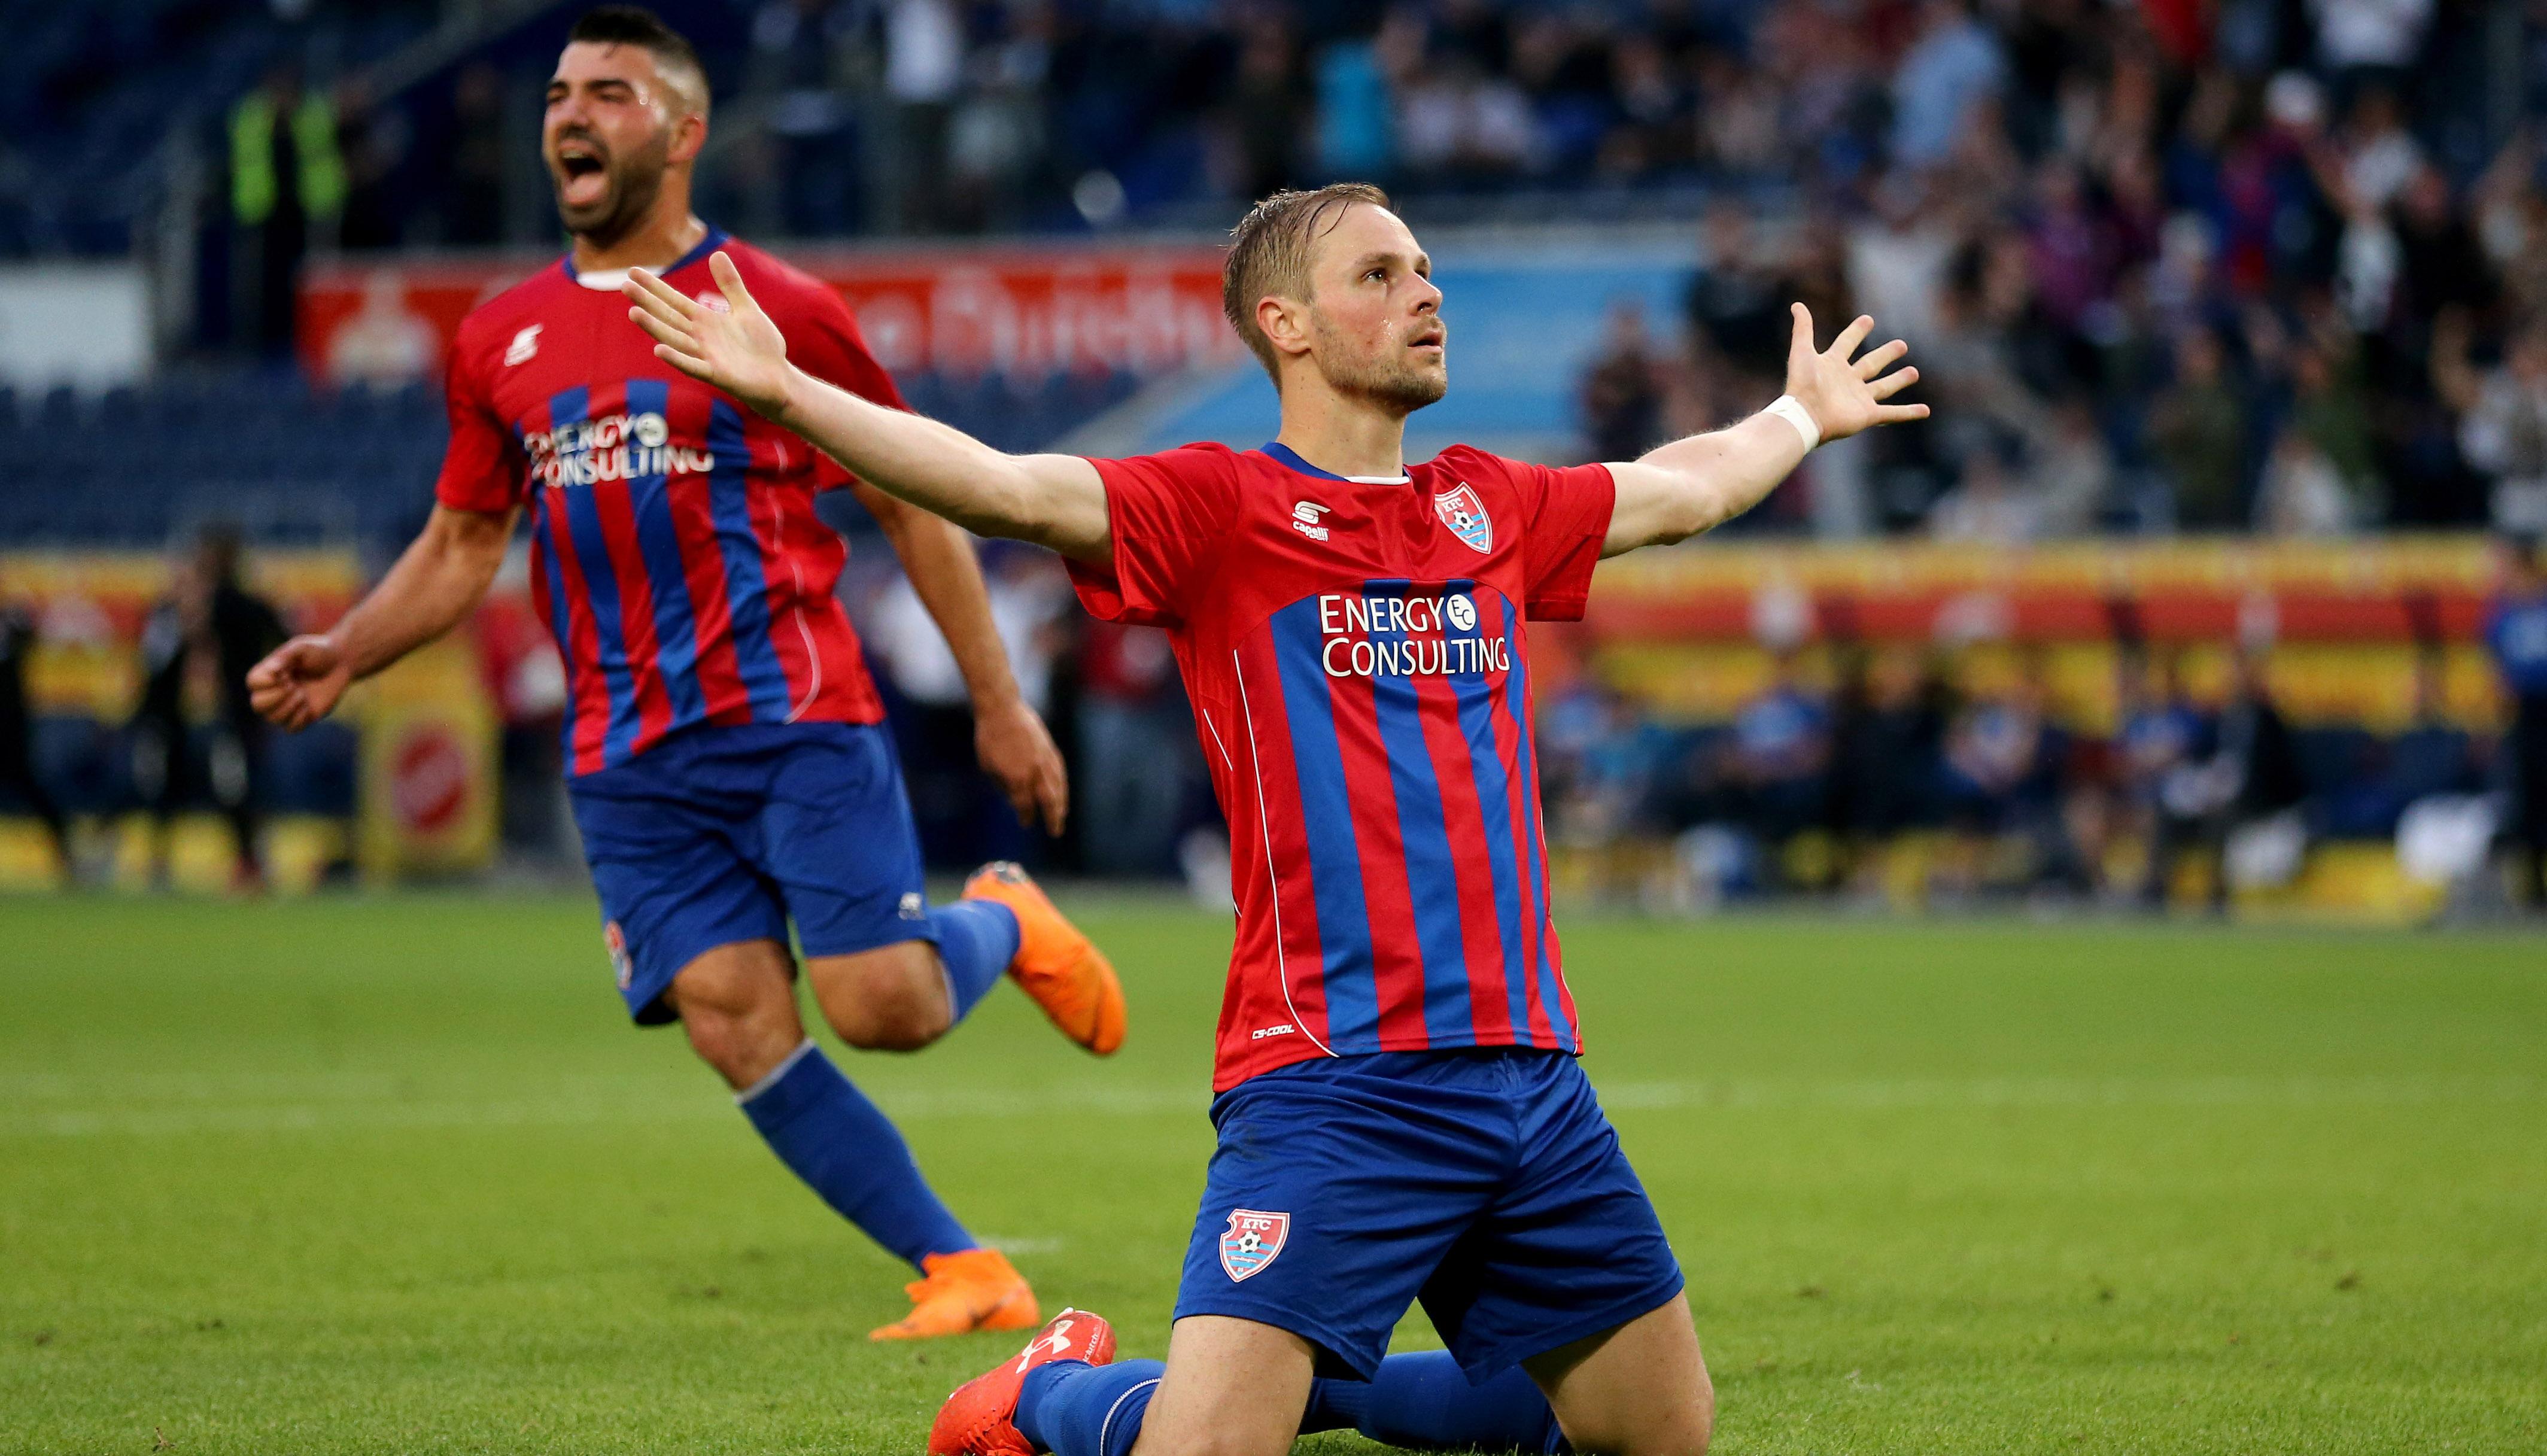 Aufstiegsspiele 3. Liga: Cottbus, KFC und 1860 vor dem letzten Schritt